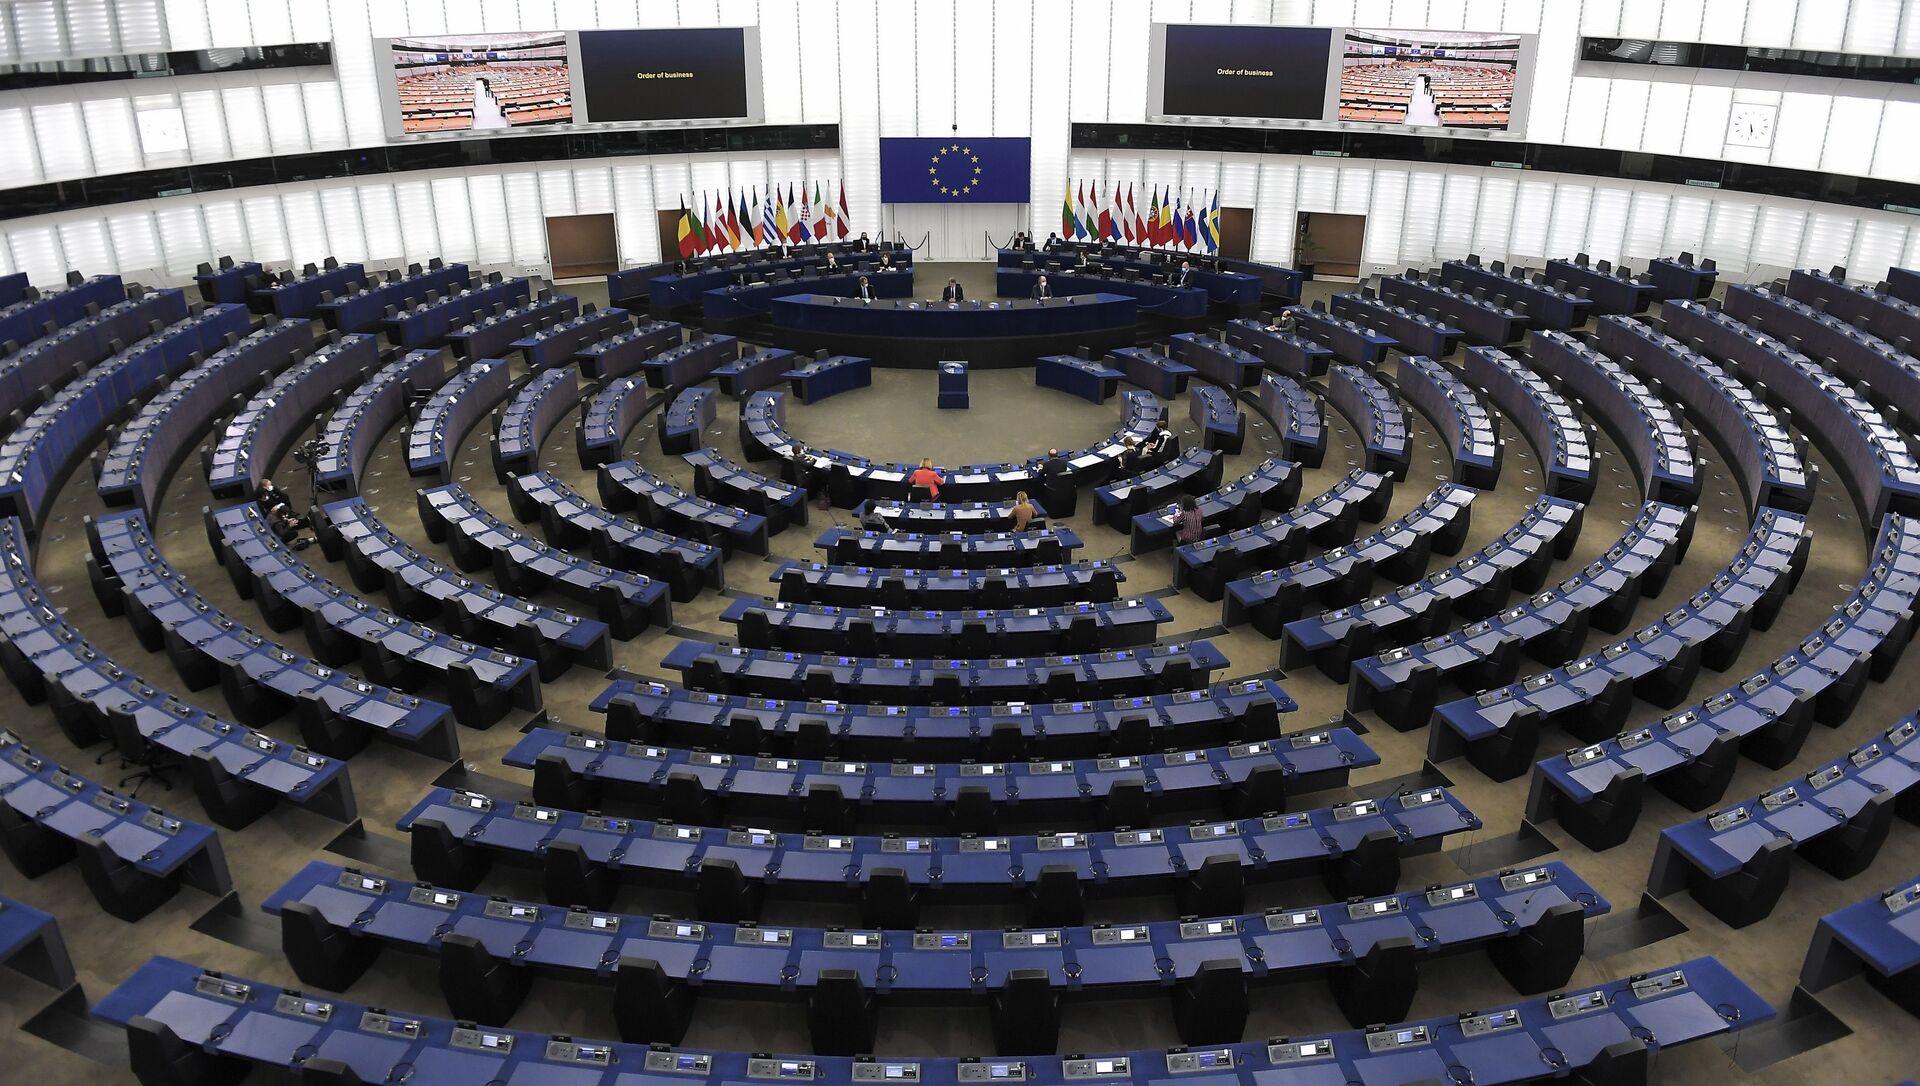 Заседание зимней сессии Парламентской ассамблеи Совета Европы (ПАСЕ) в Страсбурге, фото из архива - Sputnik Азербайджан, 1920, 27.04.2021